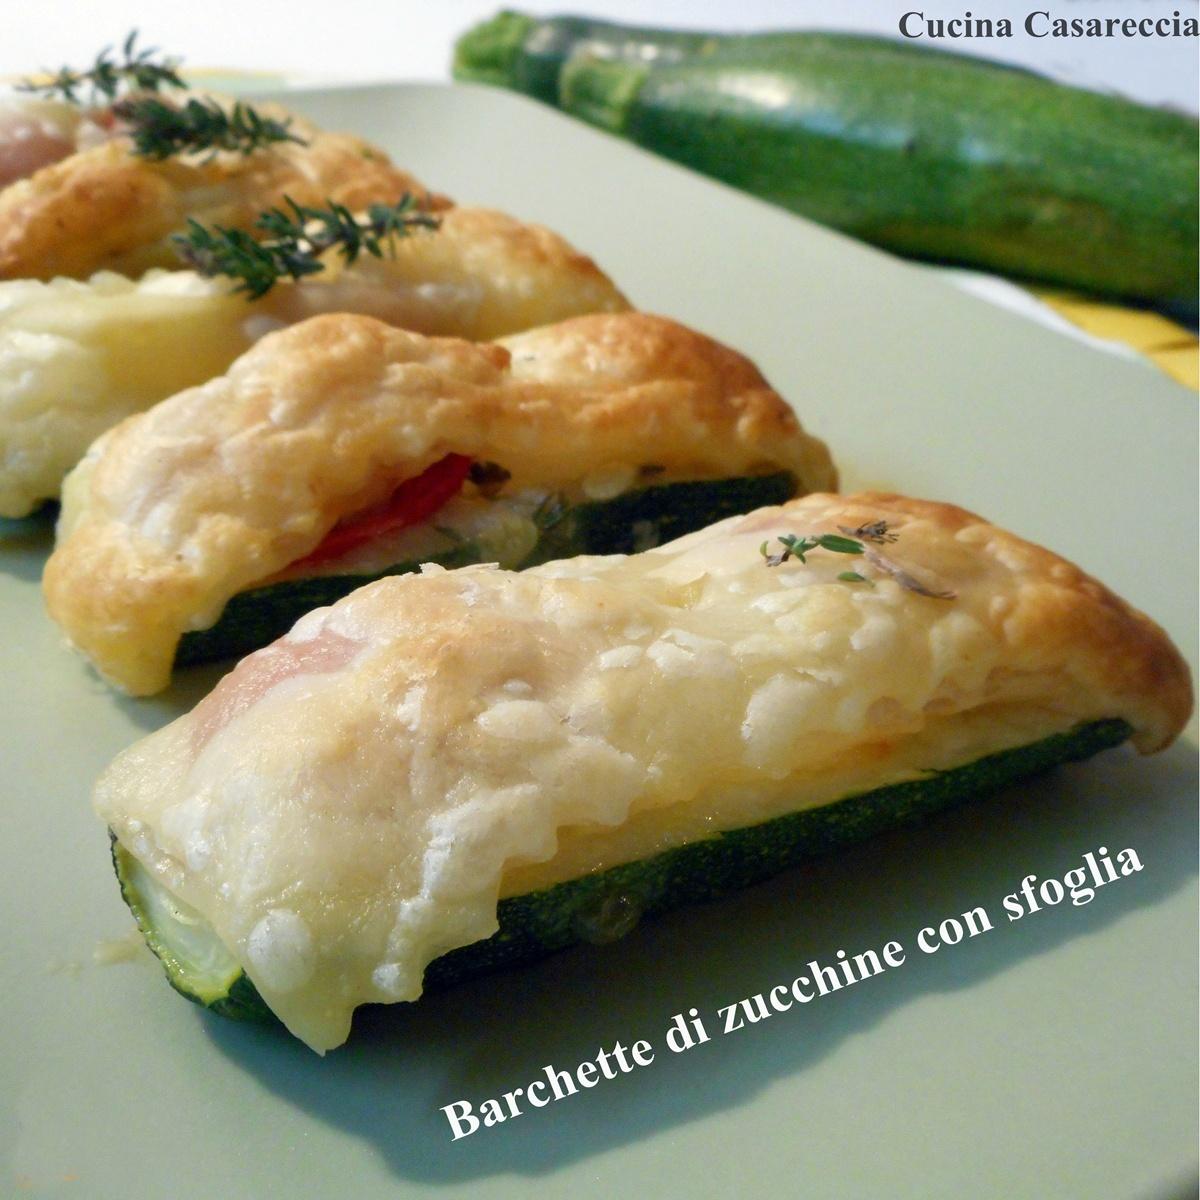 Barchette di zucchine con sfoglia